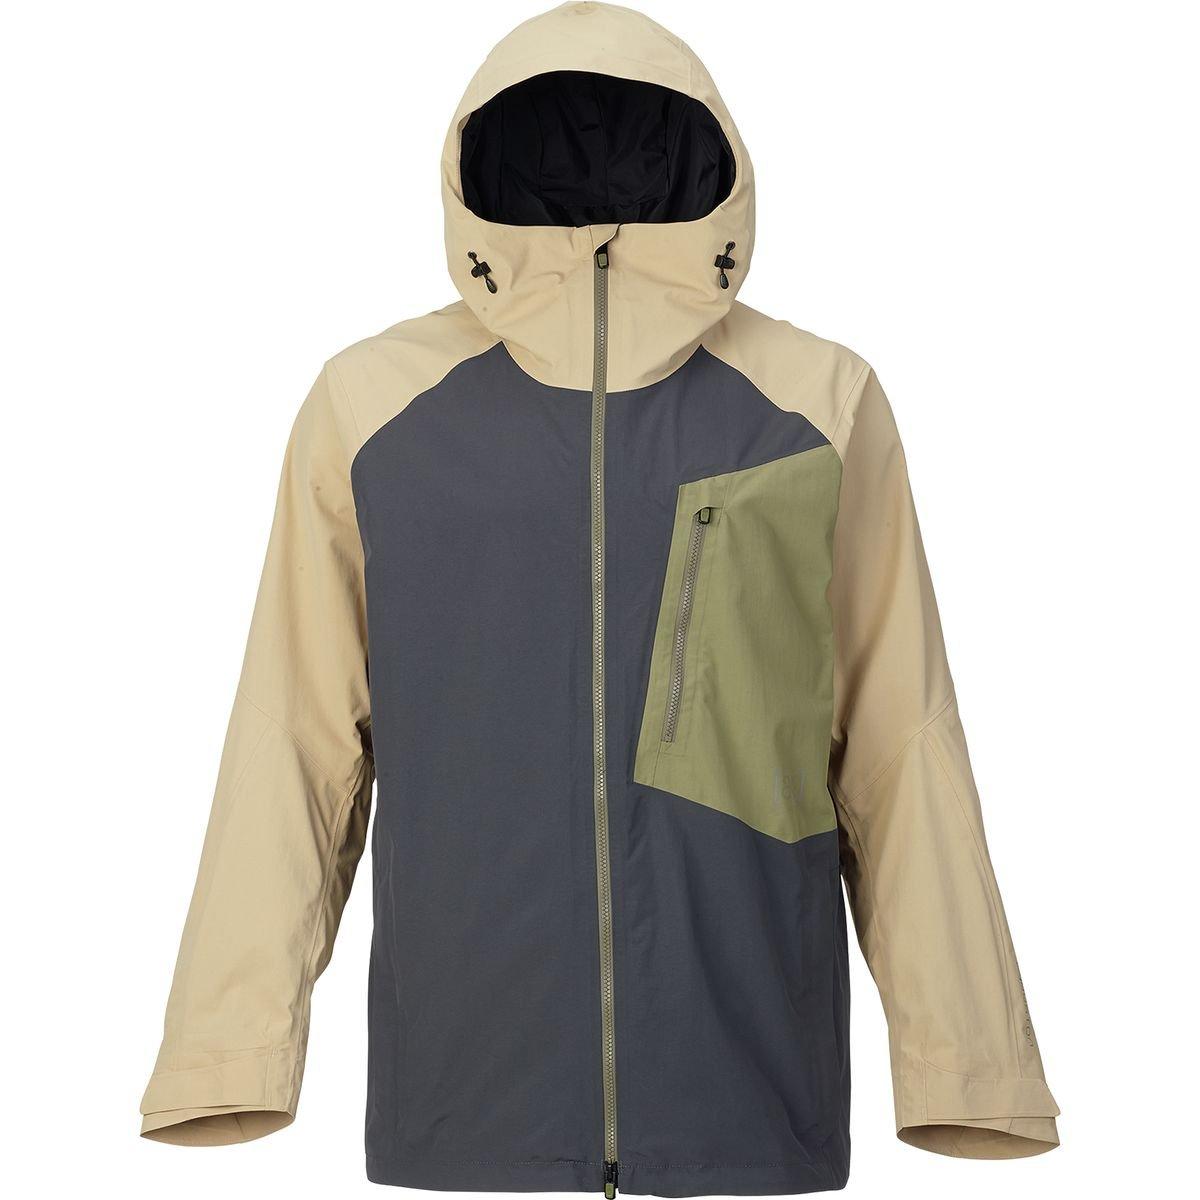 (バートン) Burton AK 2L Cyclic Gore-Tex Jacket メンズ ジャケットFaded/Rucksack/Safari [並行輸入品] B076WM28BL 日本サイズ L (US M)|Faded/Rucksack/Safari Faded/Rucksack/Safari 日本サイズ L (US M)